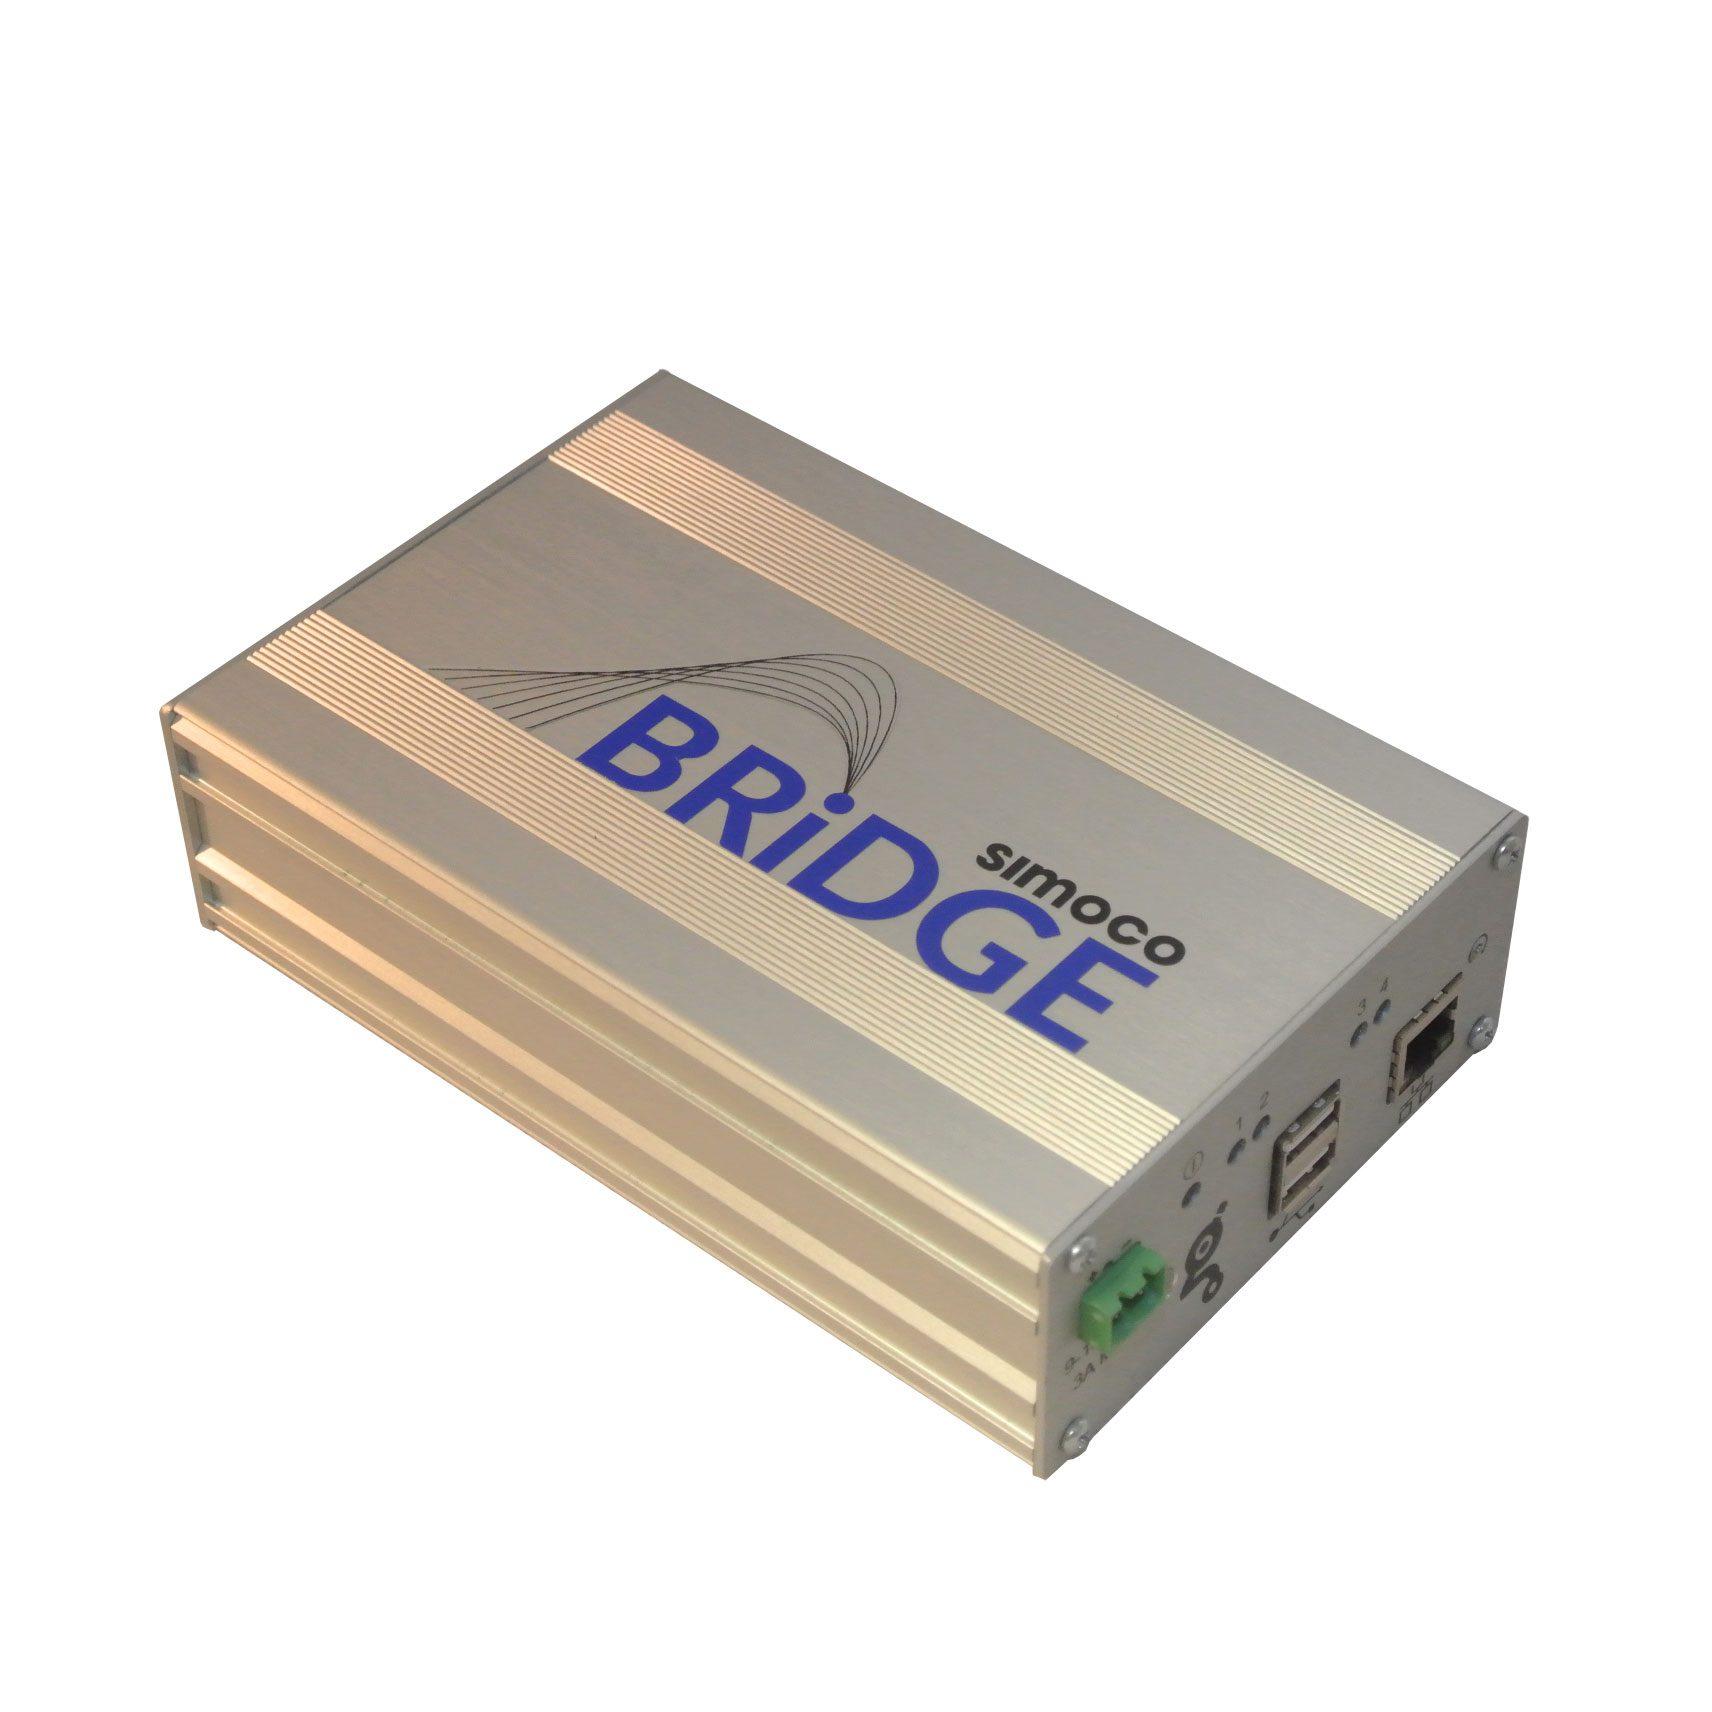 Simoco Bridge